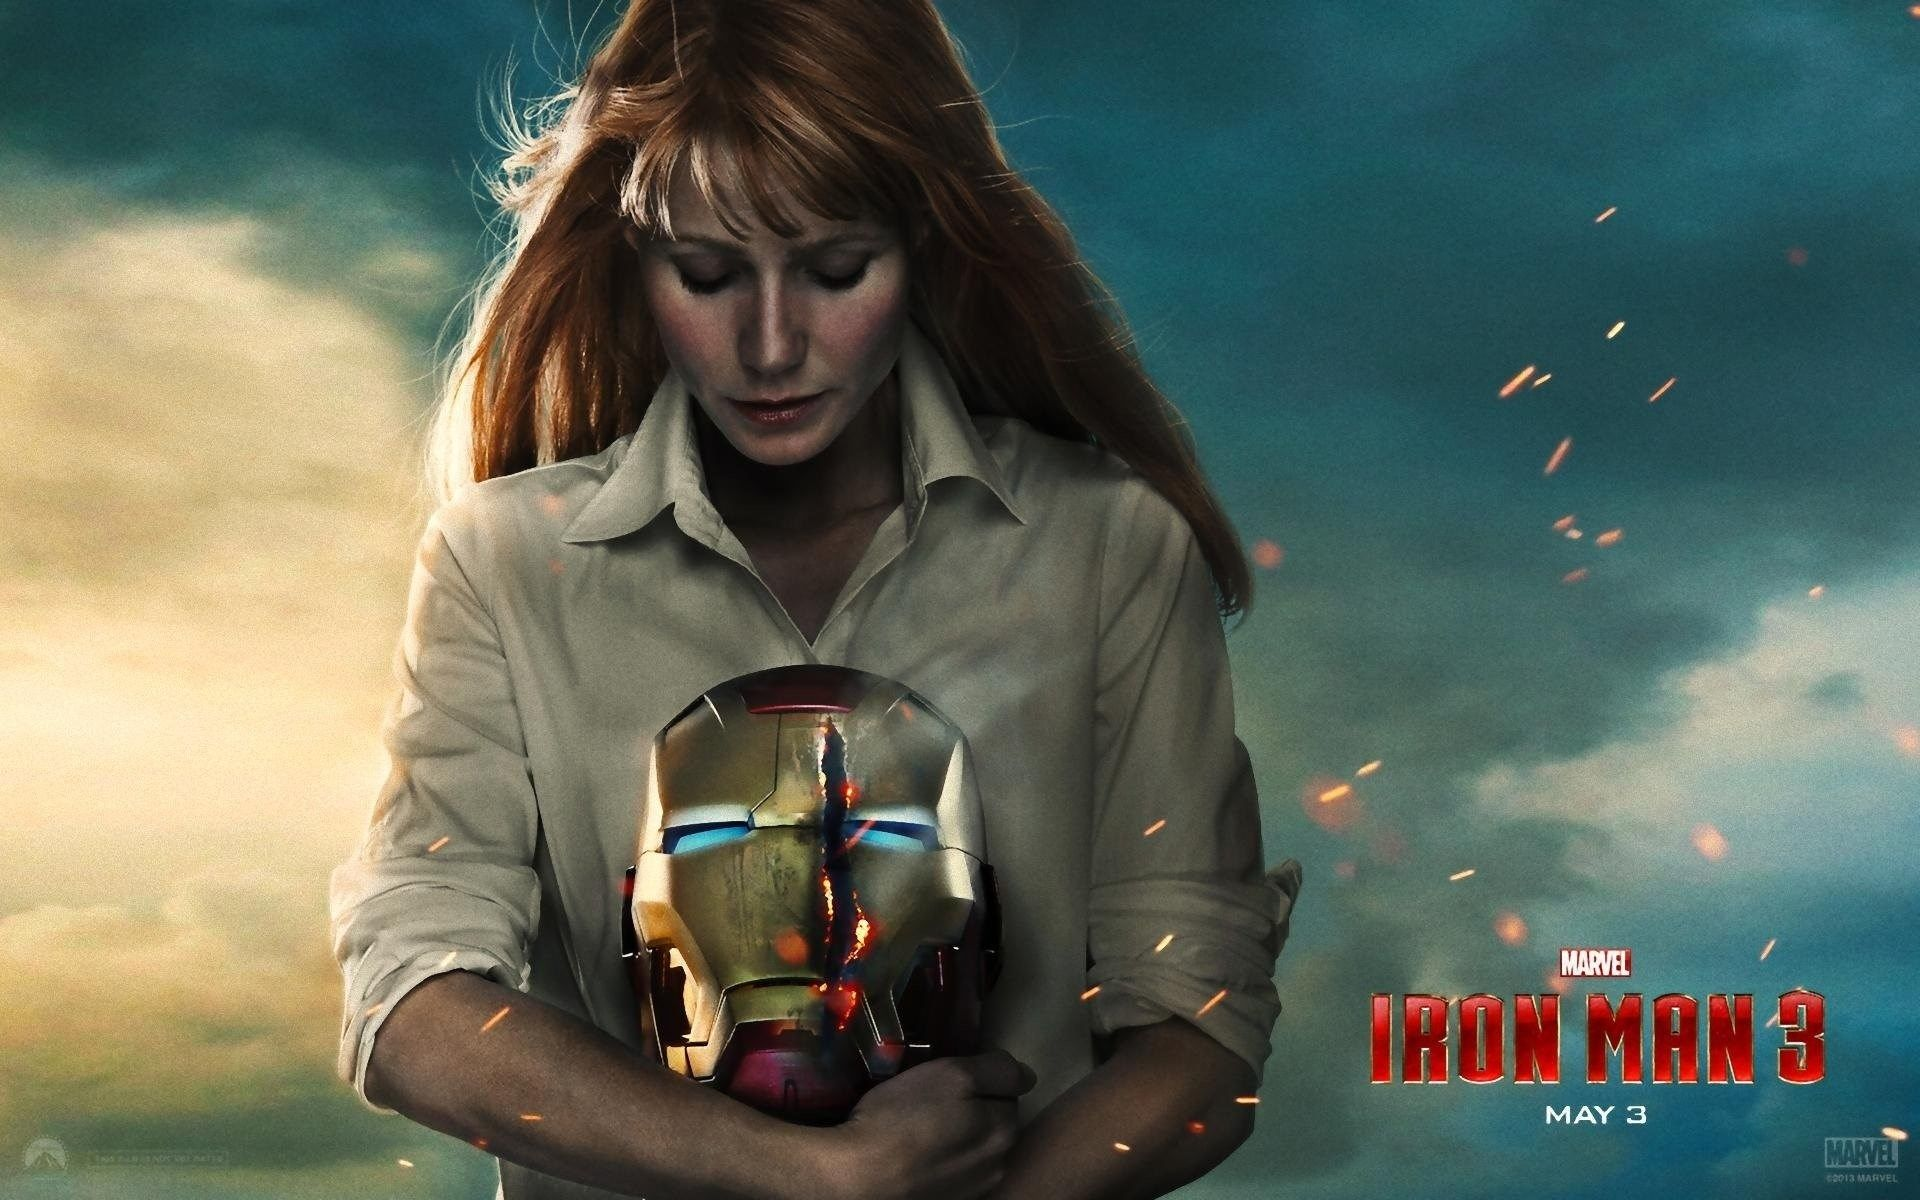 1920x1200 High Resolution Wallpaper Iron Man 3